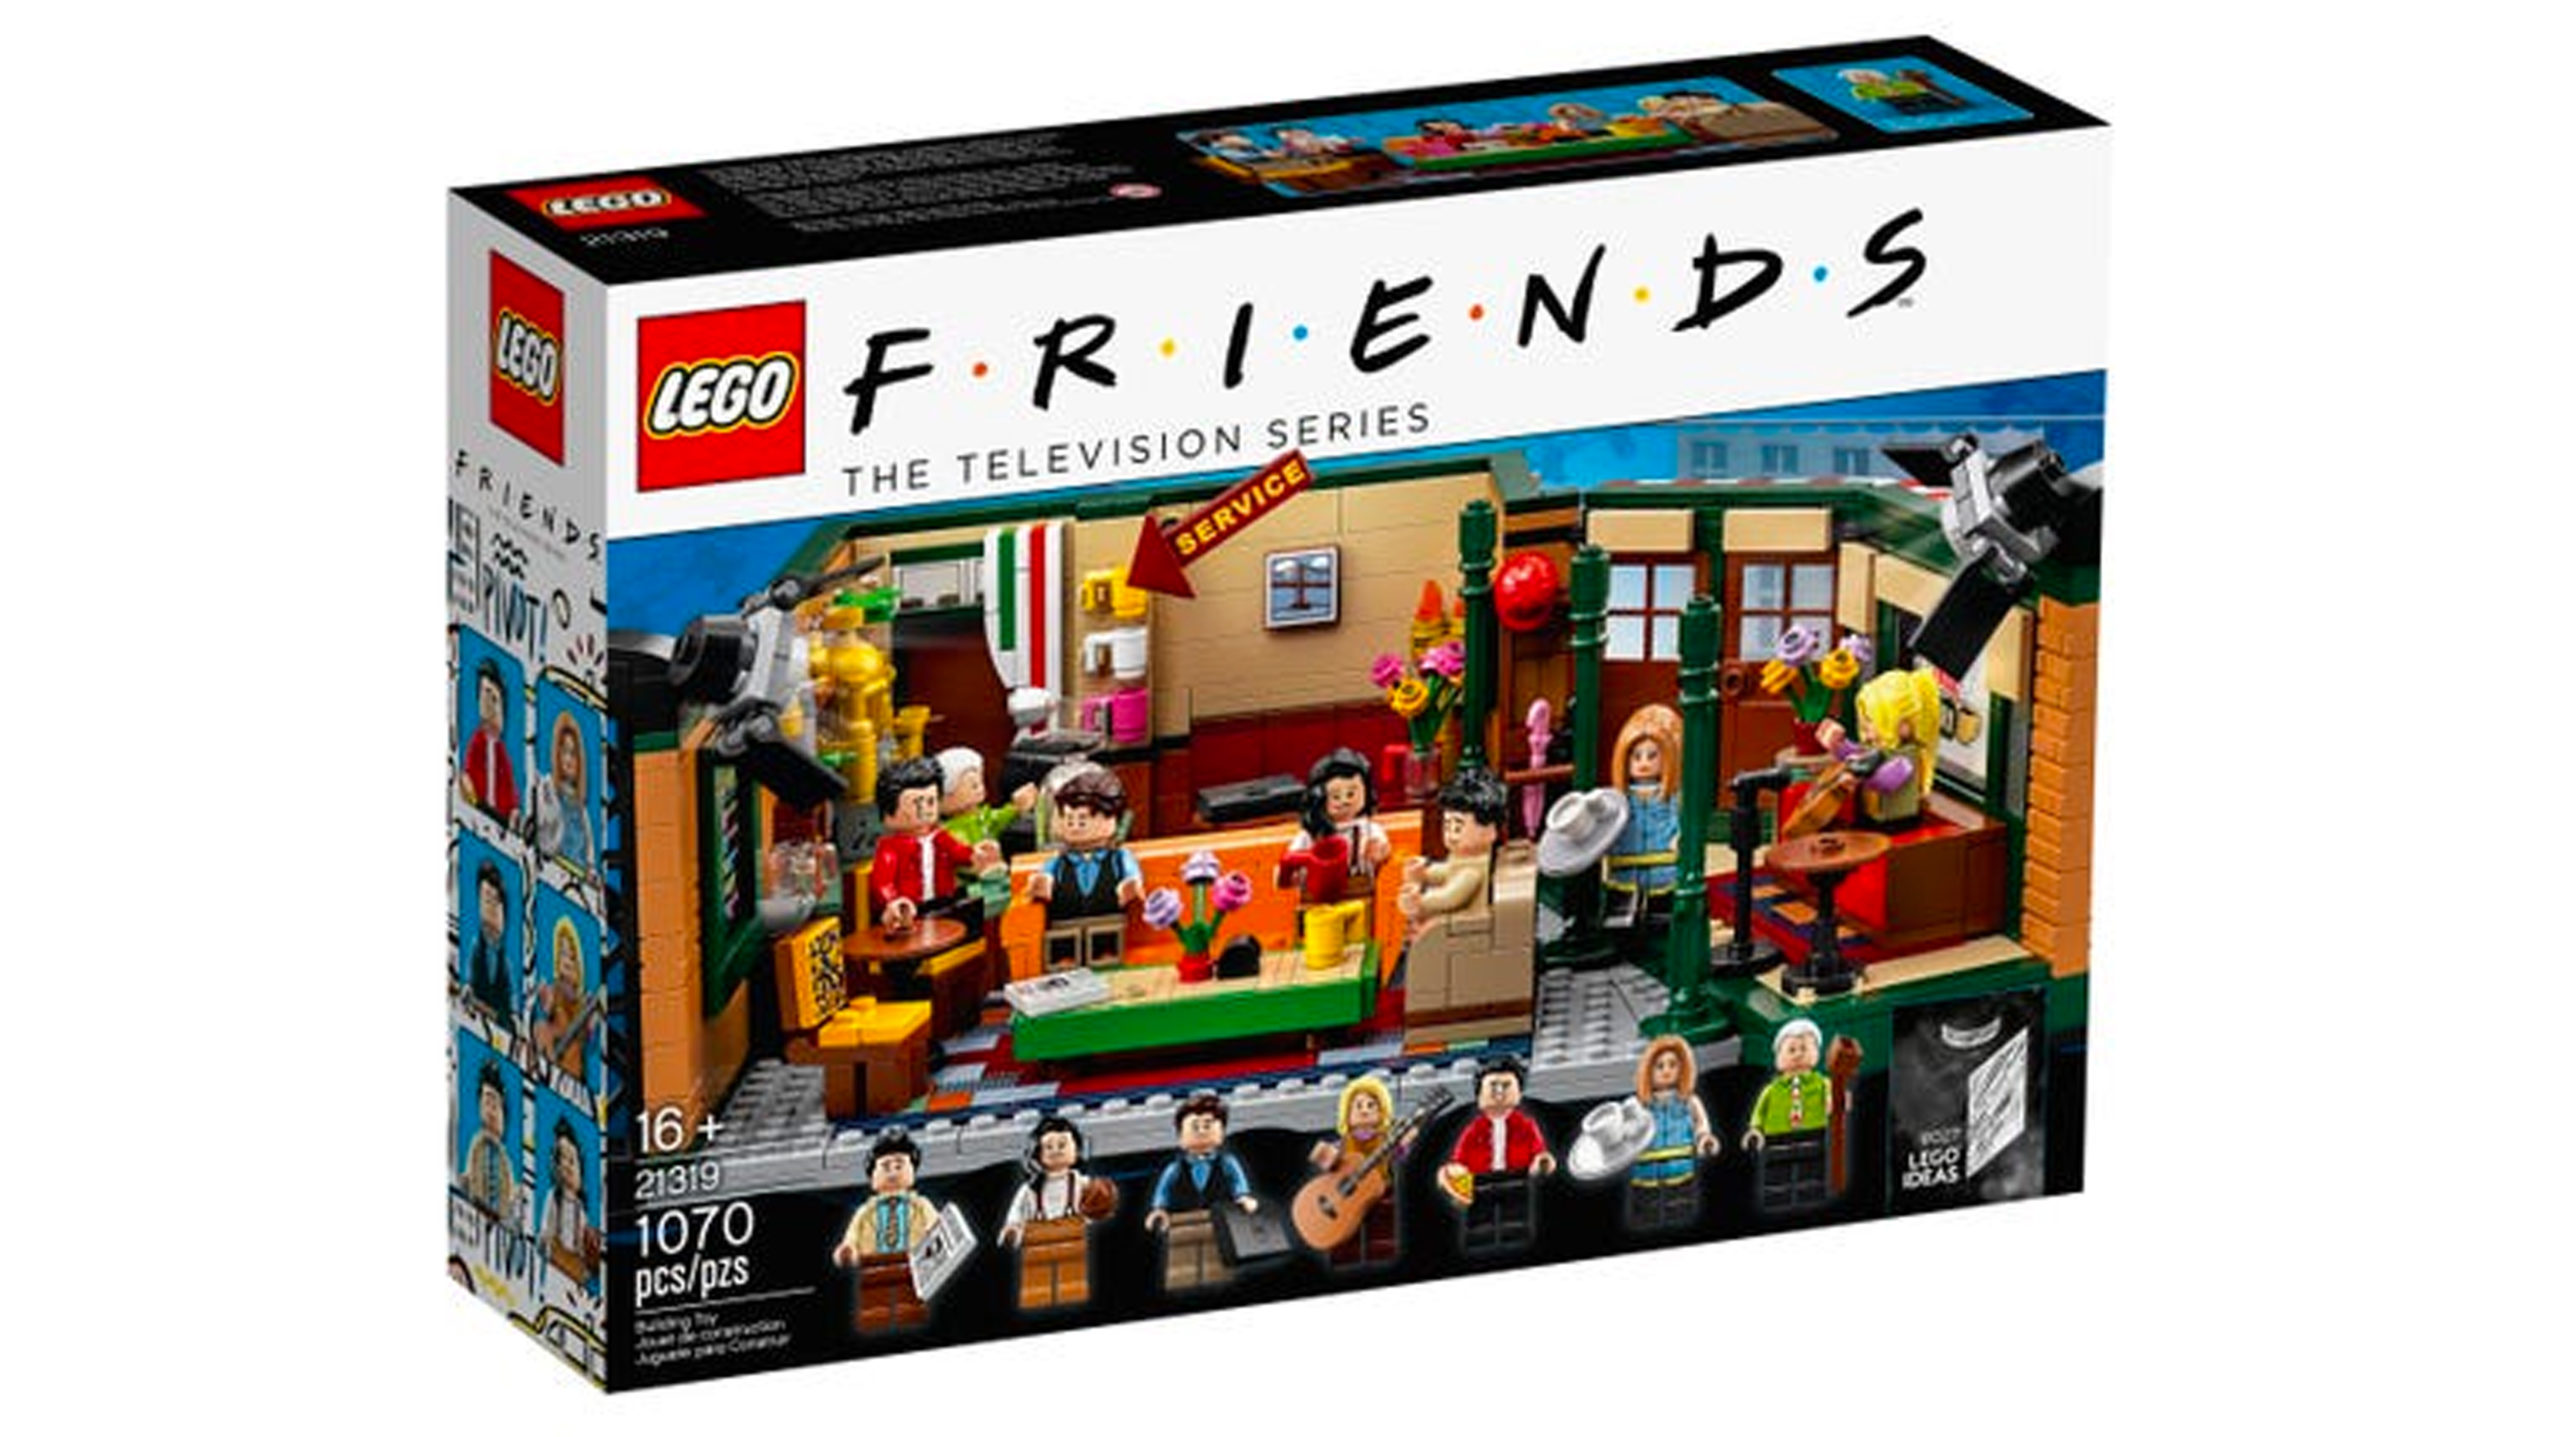 LEGO Licensed Sets - Friends Set